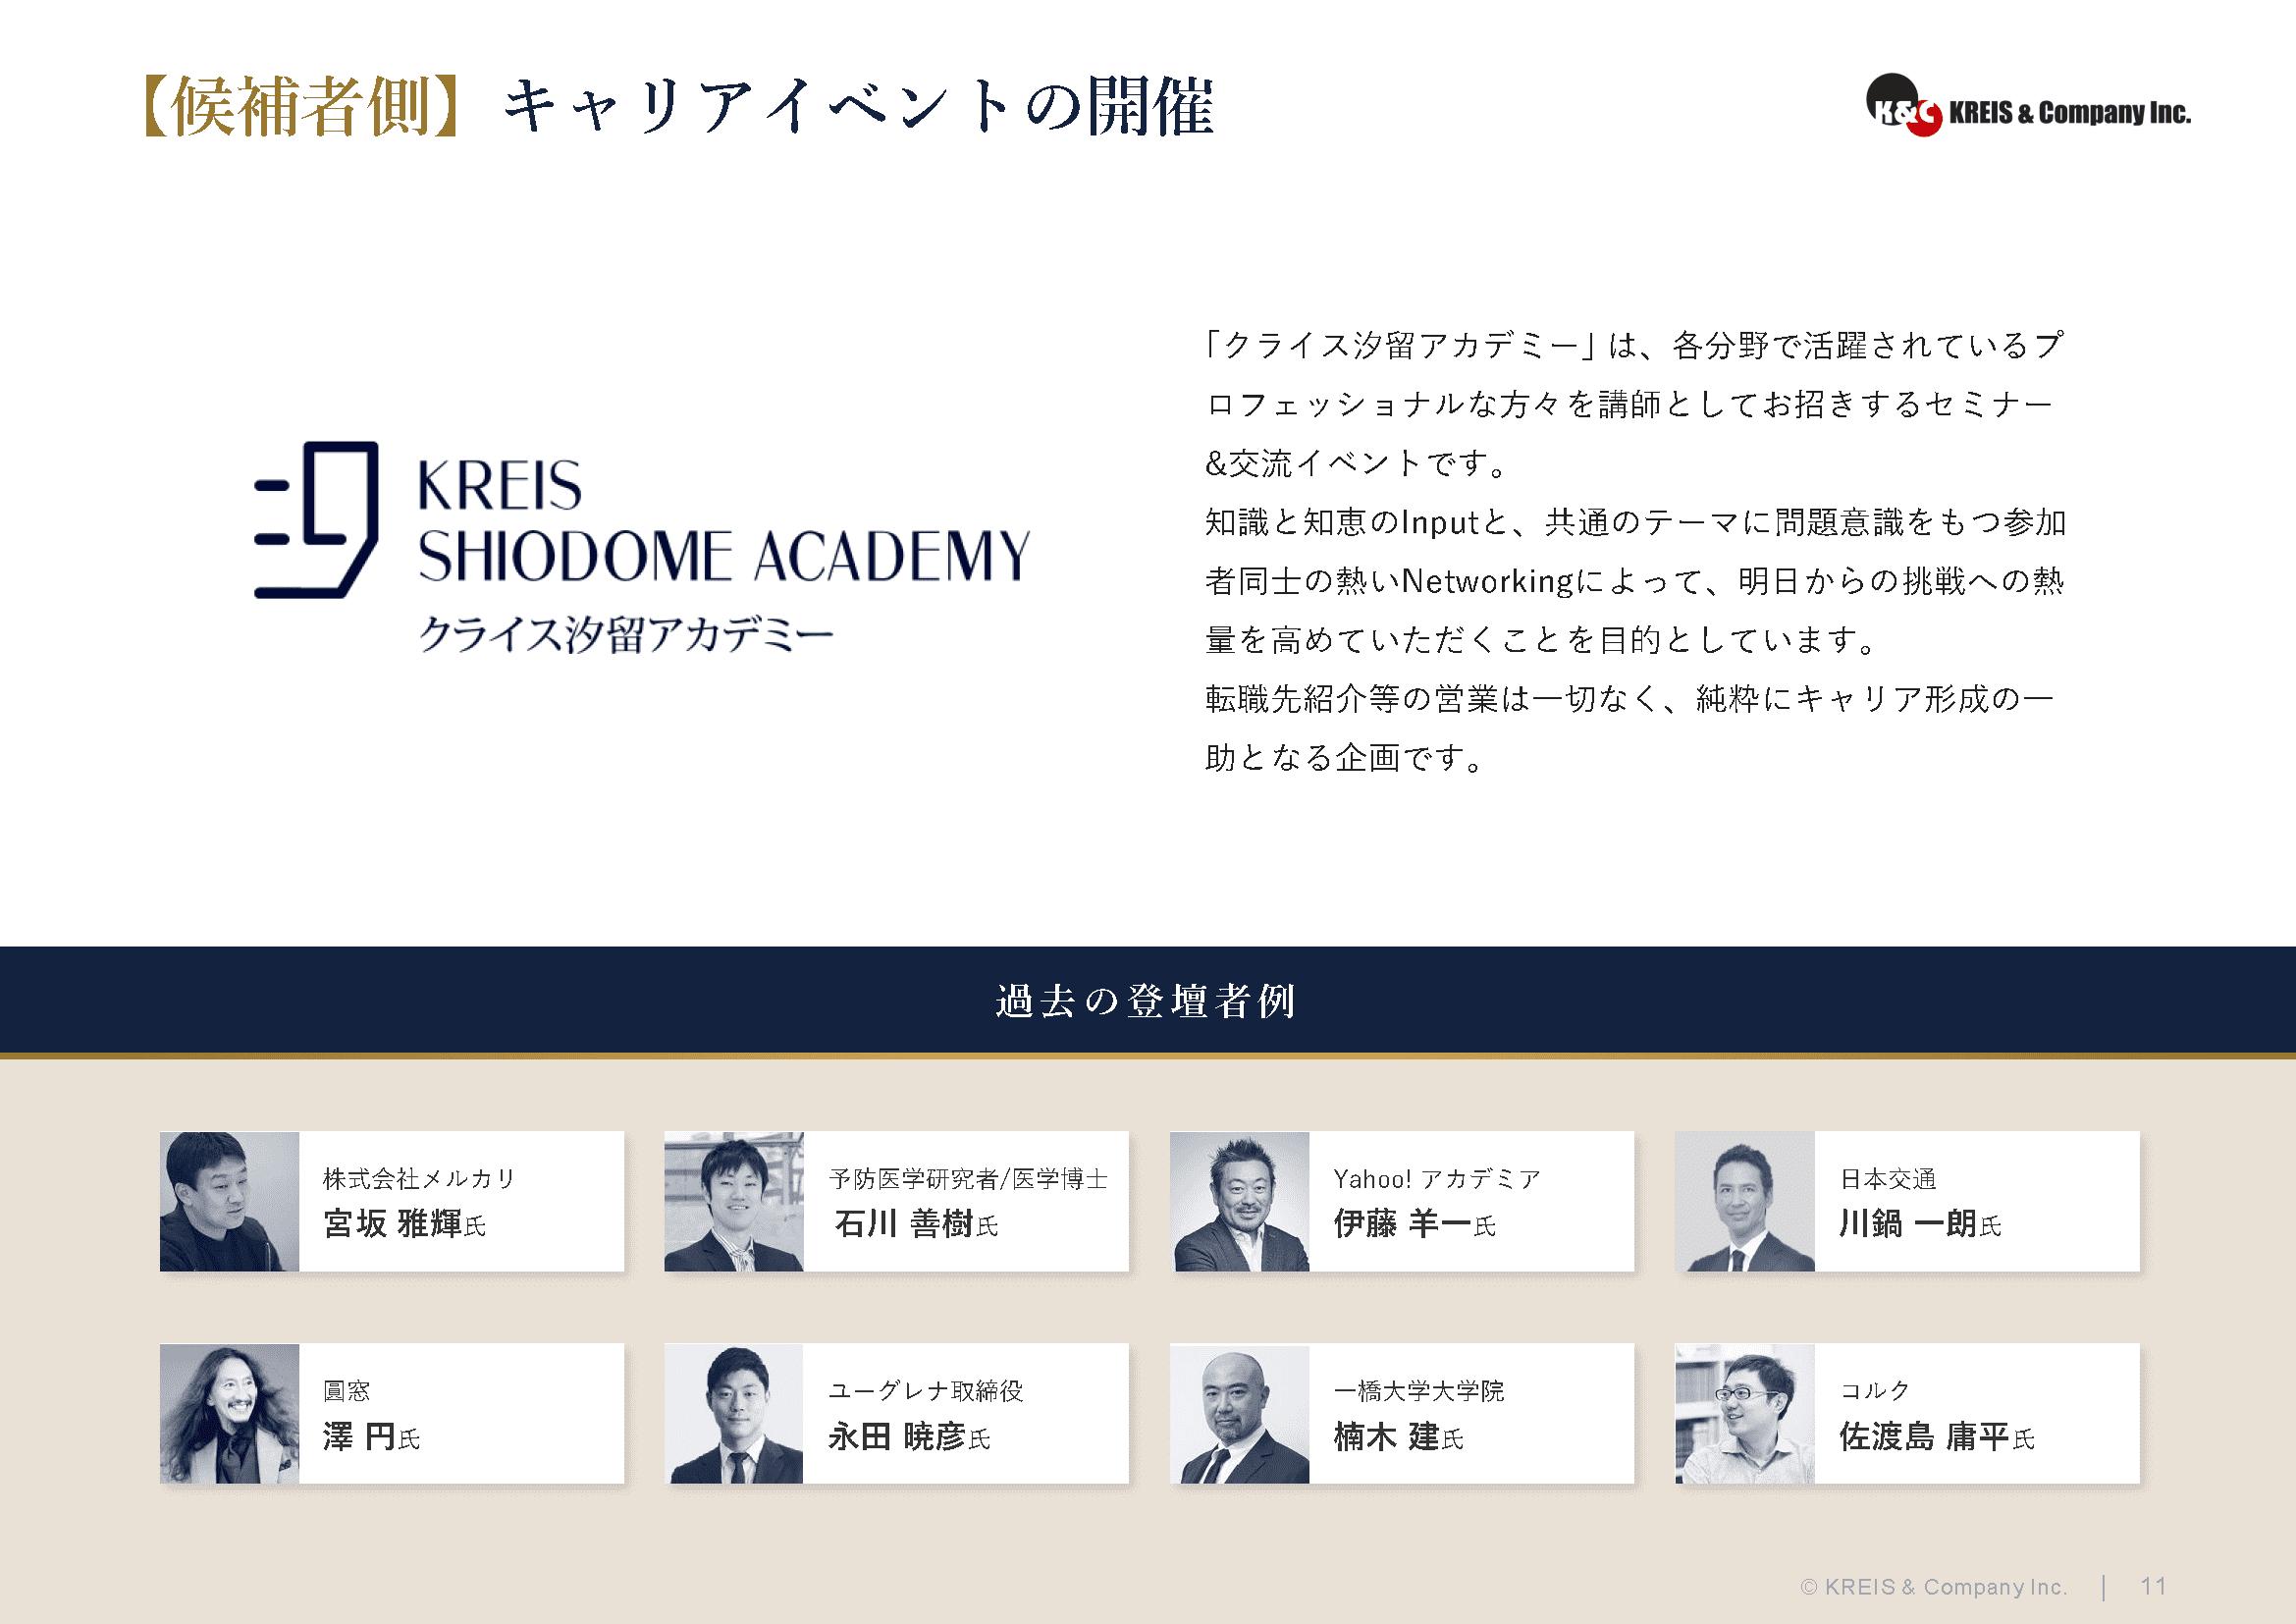 【候補者側】キャリアイベントの開催